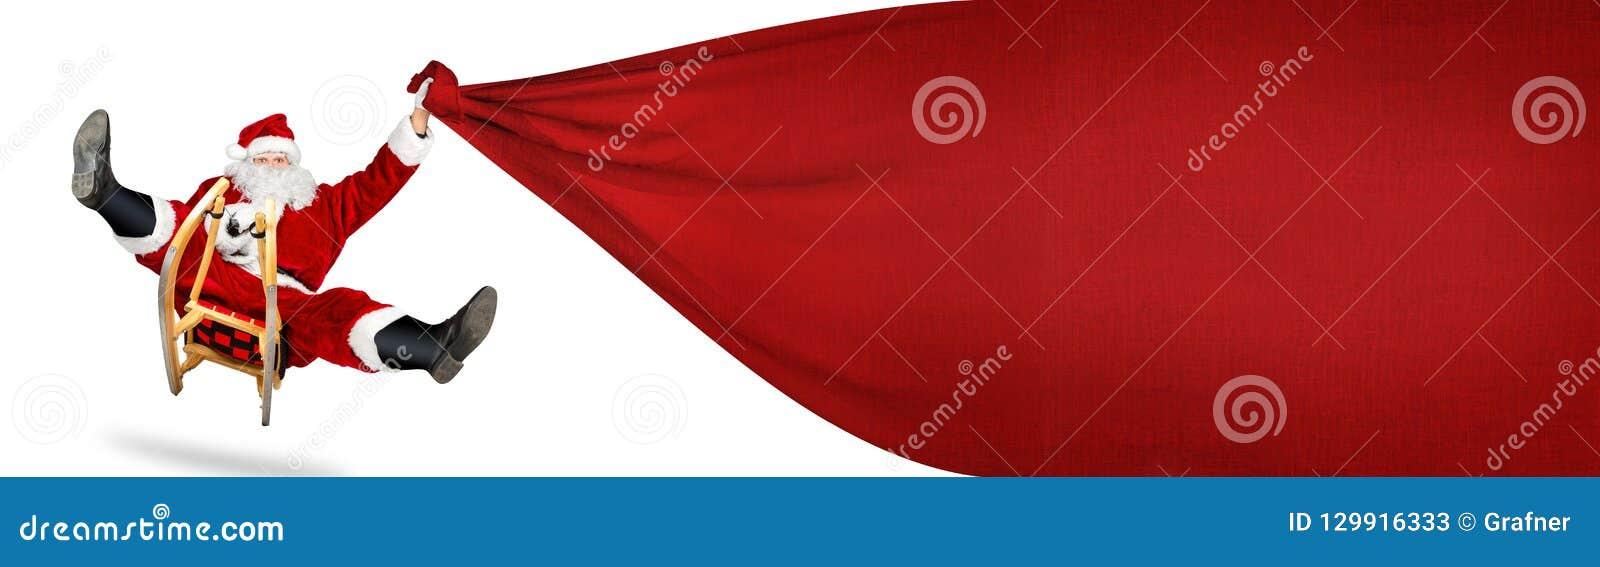 Szalony Santa Claus na jego sanie prezenta dużej czerwonej torbie